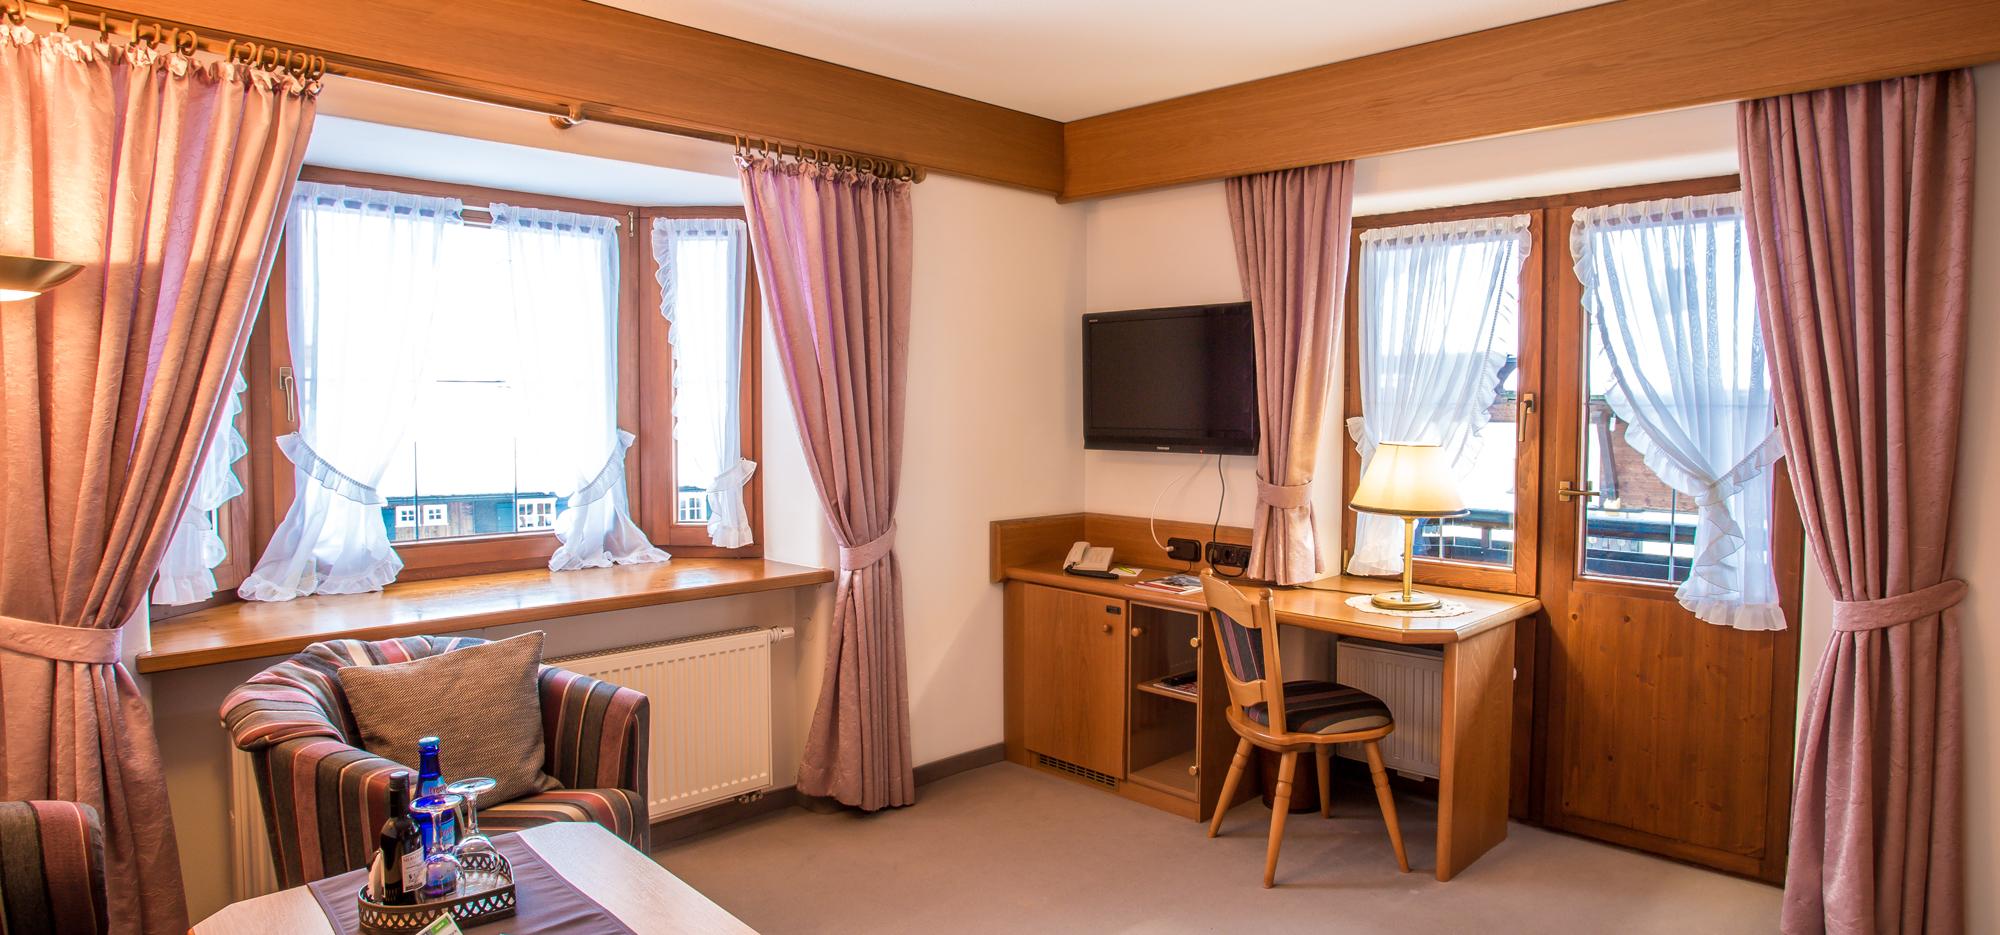 Bergruh Suite Wohnzimmer